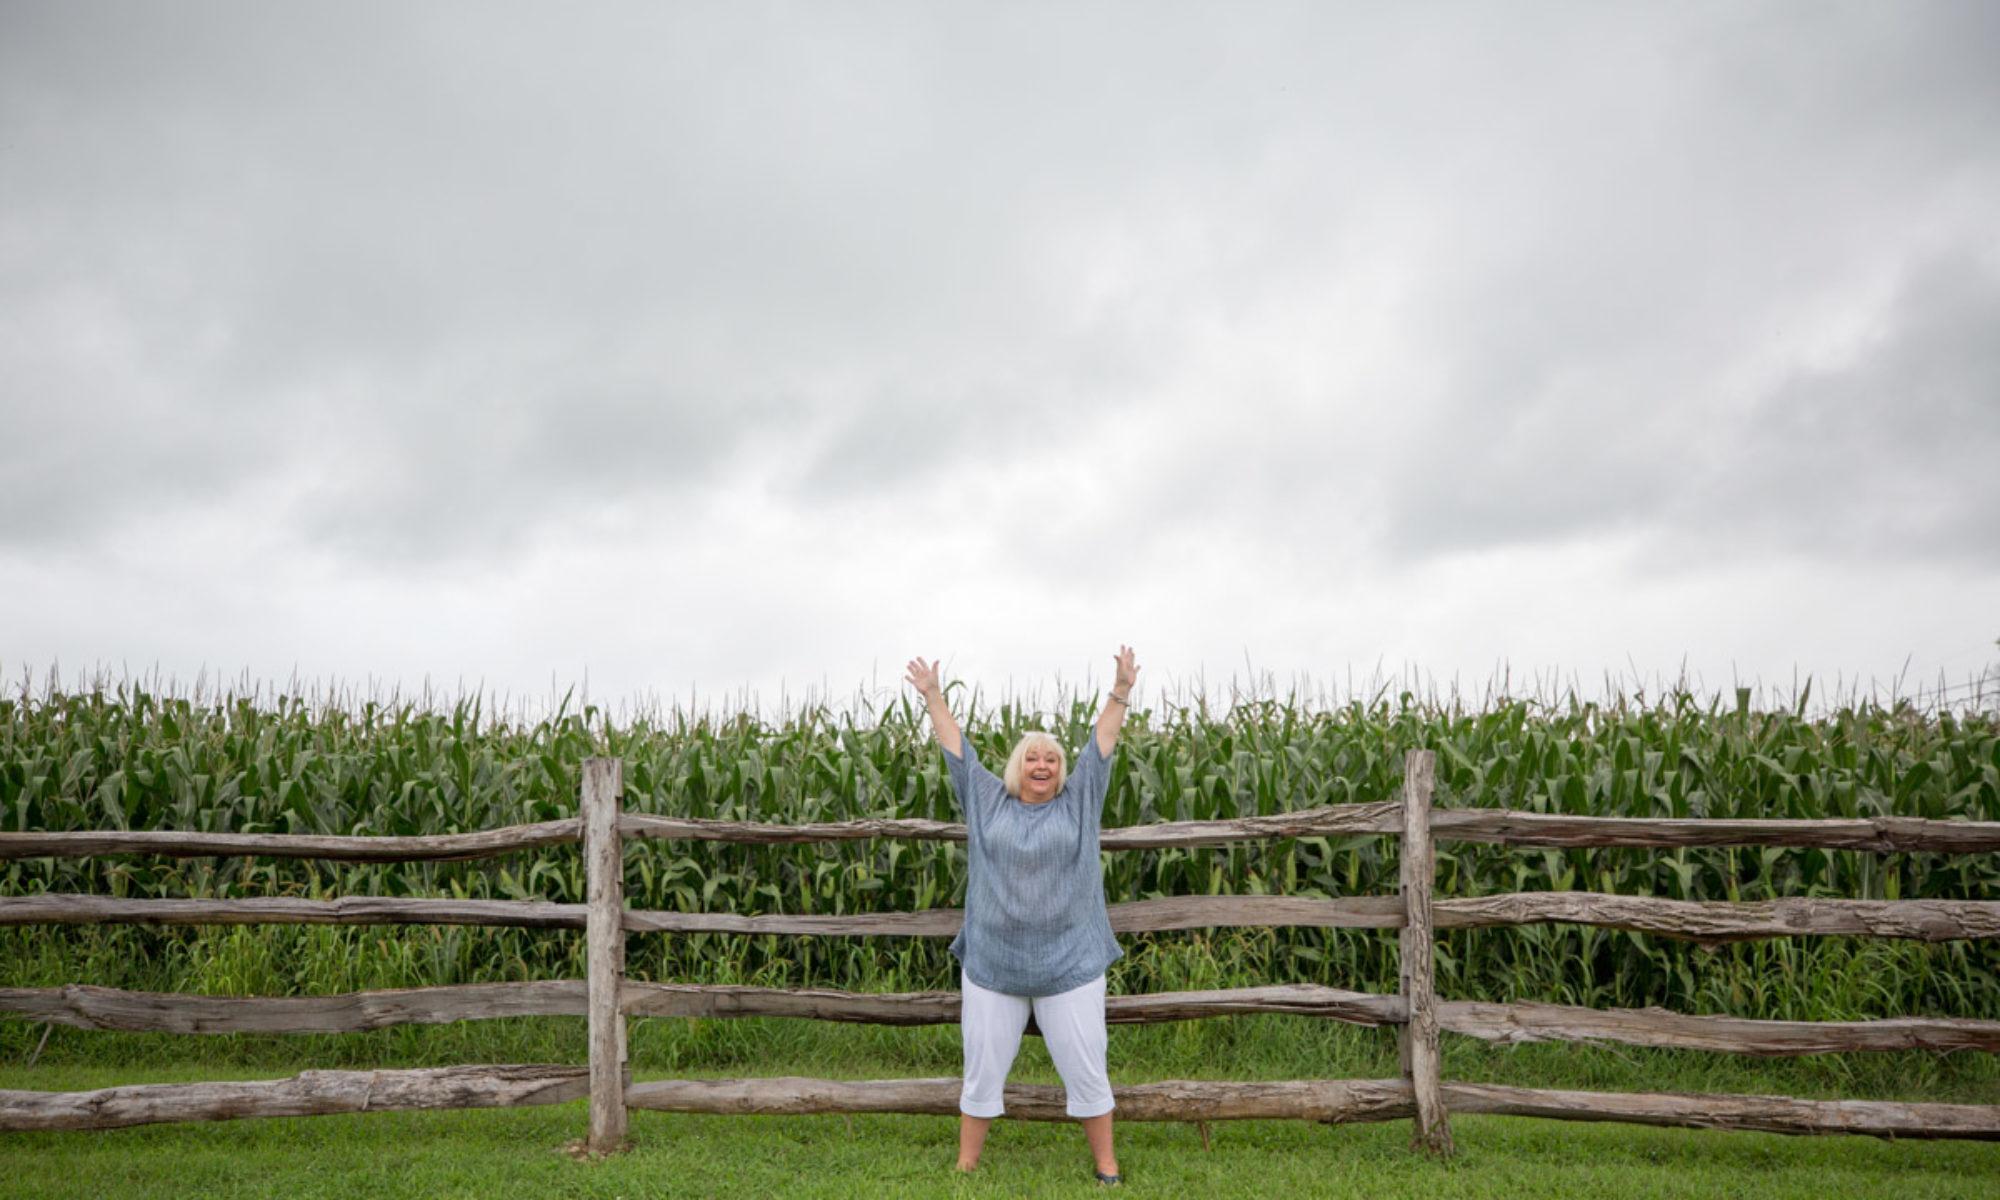 fuller farmer